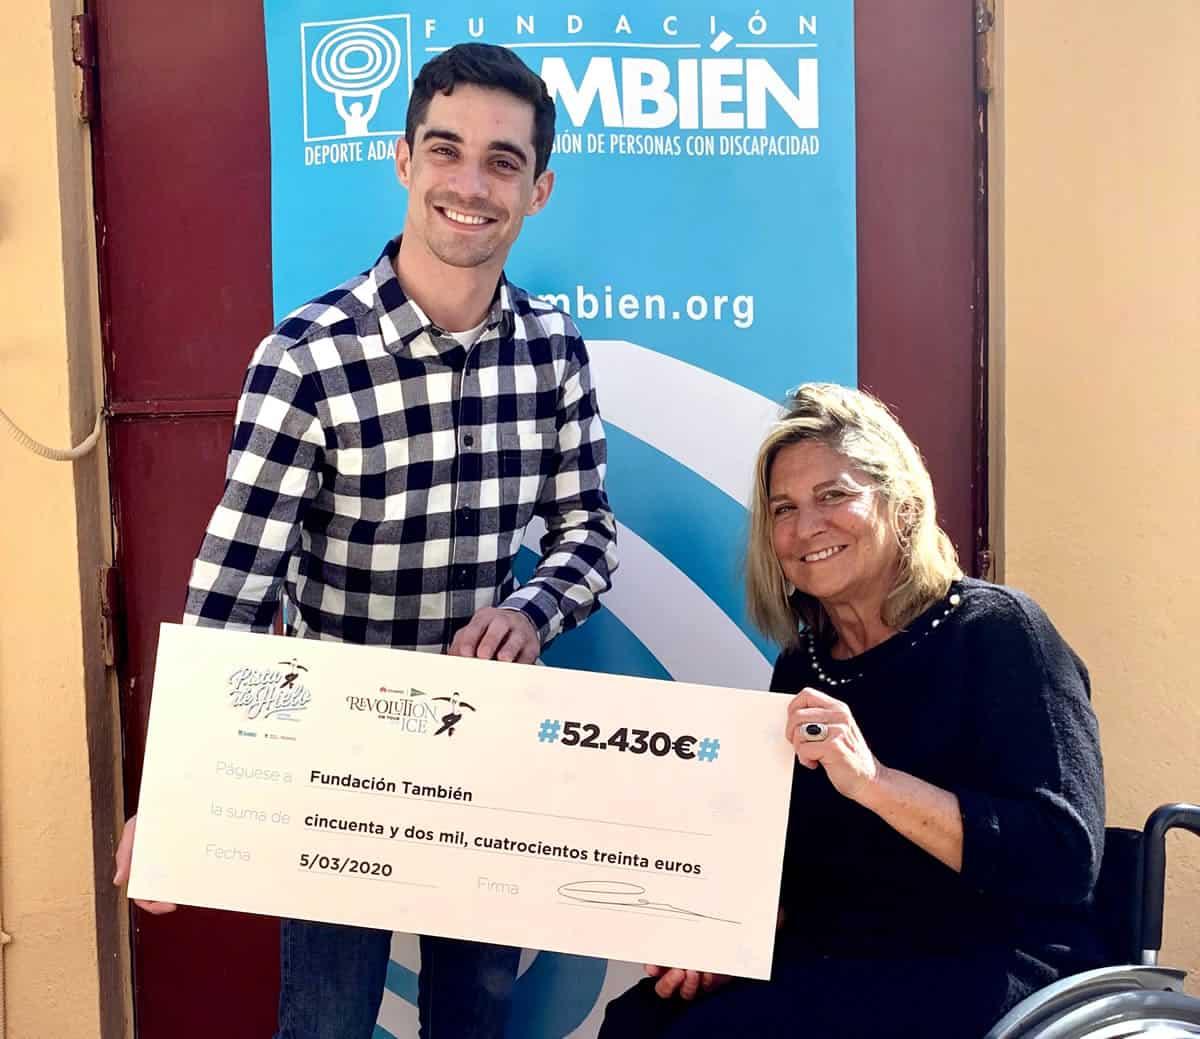 Javier Fernández entrega a la Presidenta de Fundación También Teresa Silva el cheque con la cifra recaudada durante el espectáculo Revolution on Ice 2019